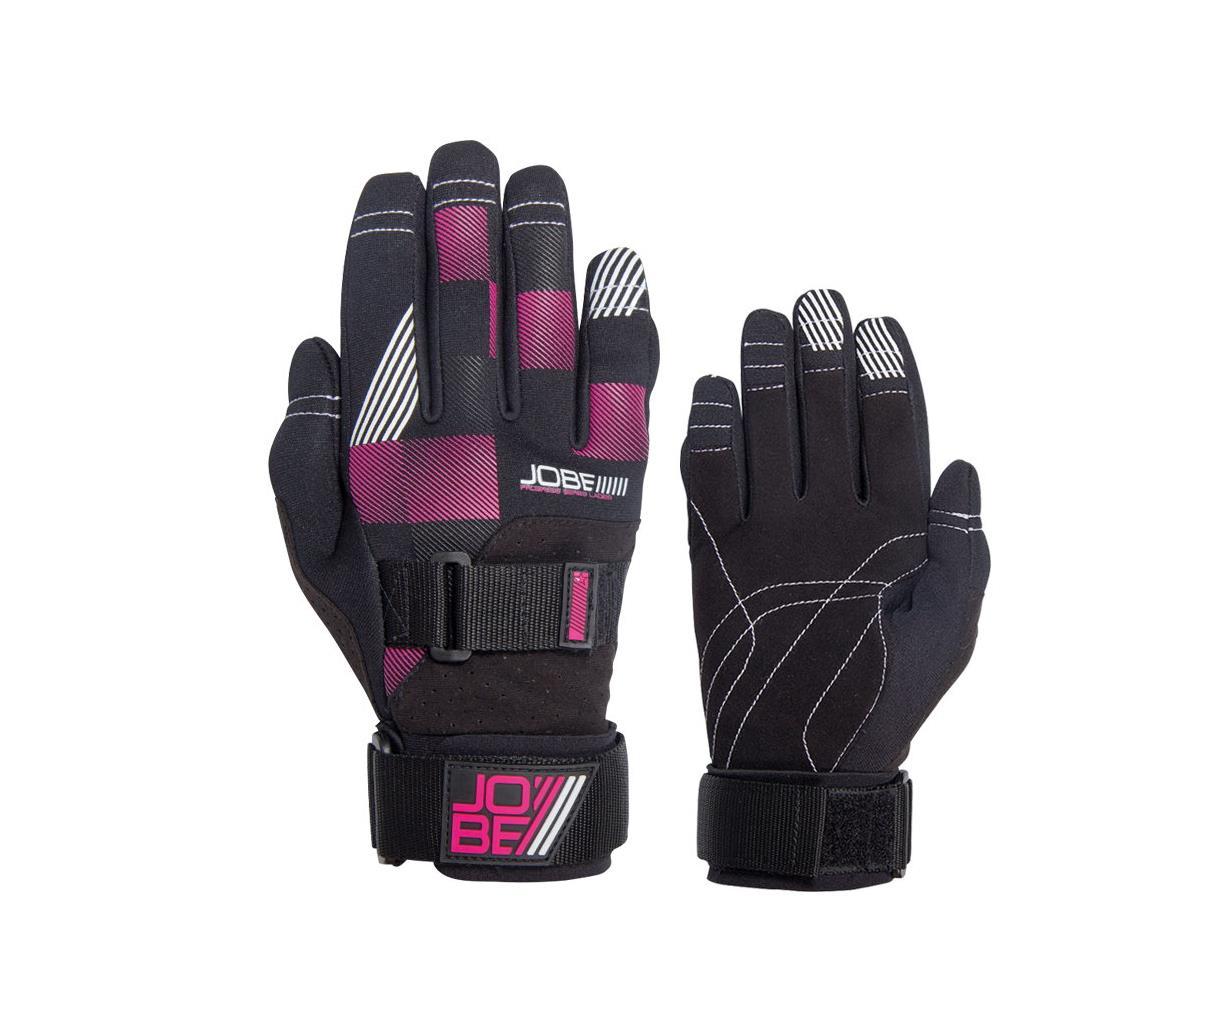 Jobe Progress Gloves Swathe Handschuhe für Wakeboard und Wasserski Bekleidung